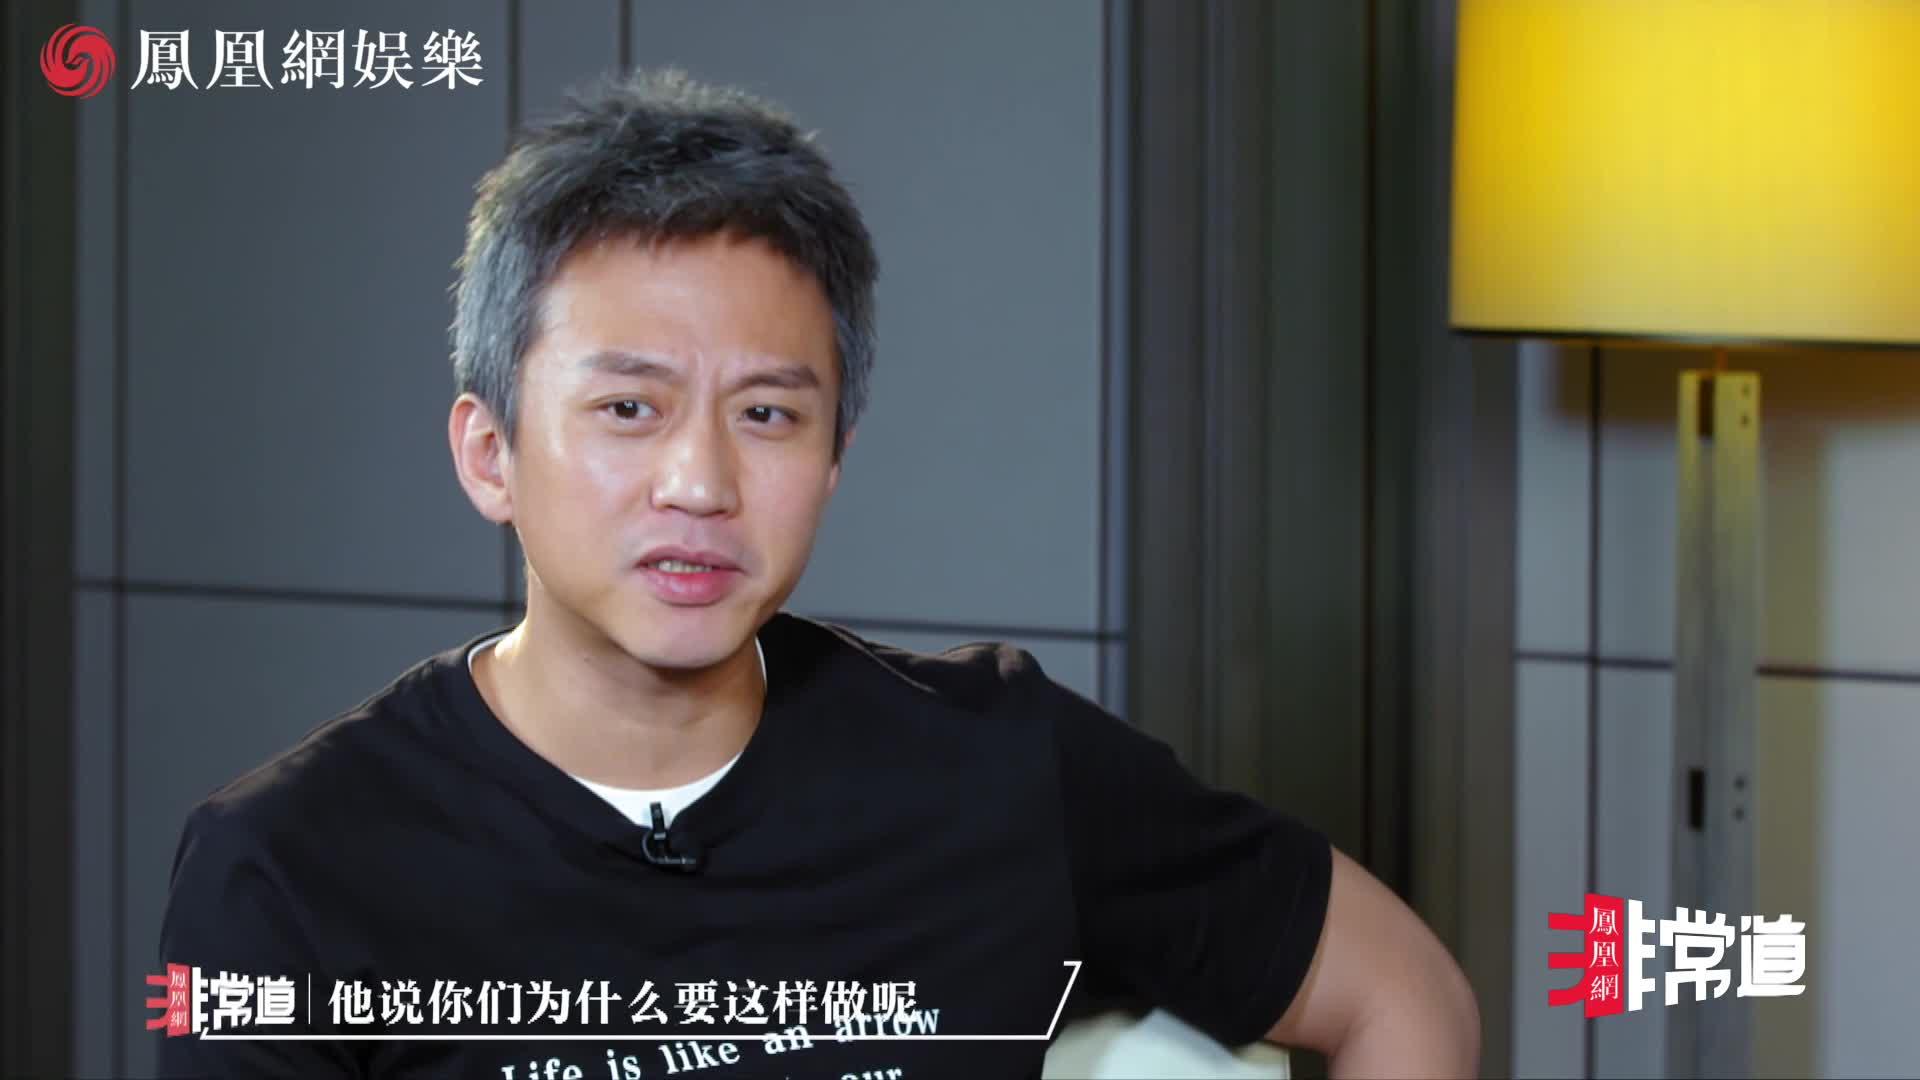 [凤凰网非常道]邓超回应新片质疑:目前我们尽力了